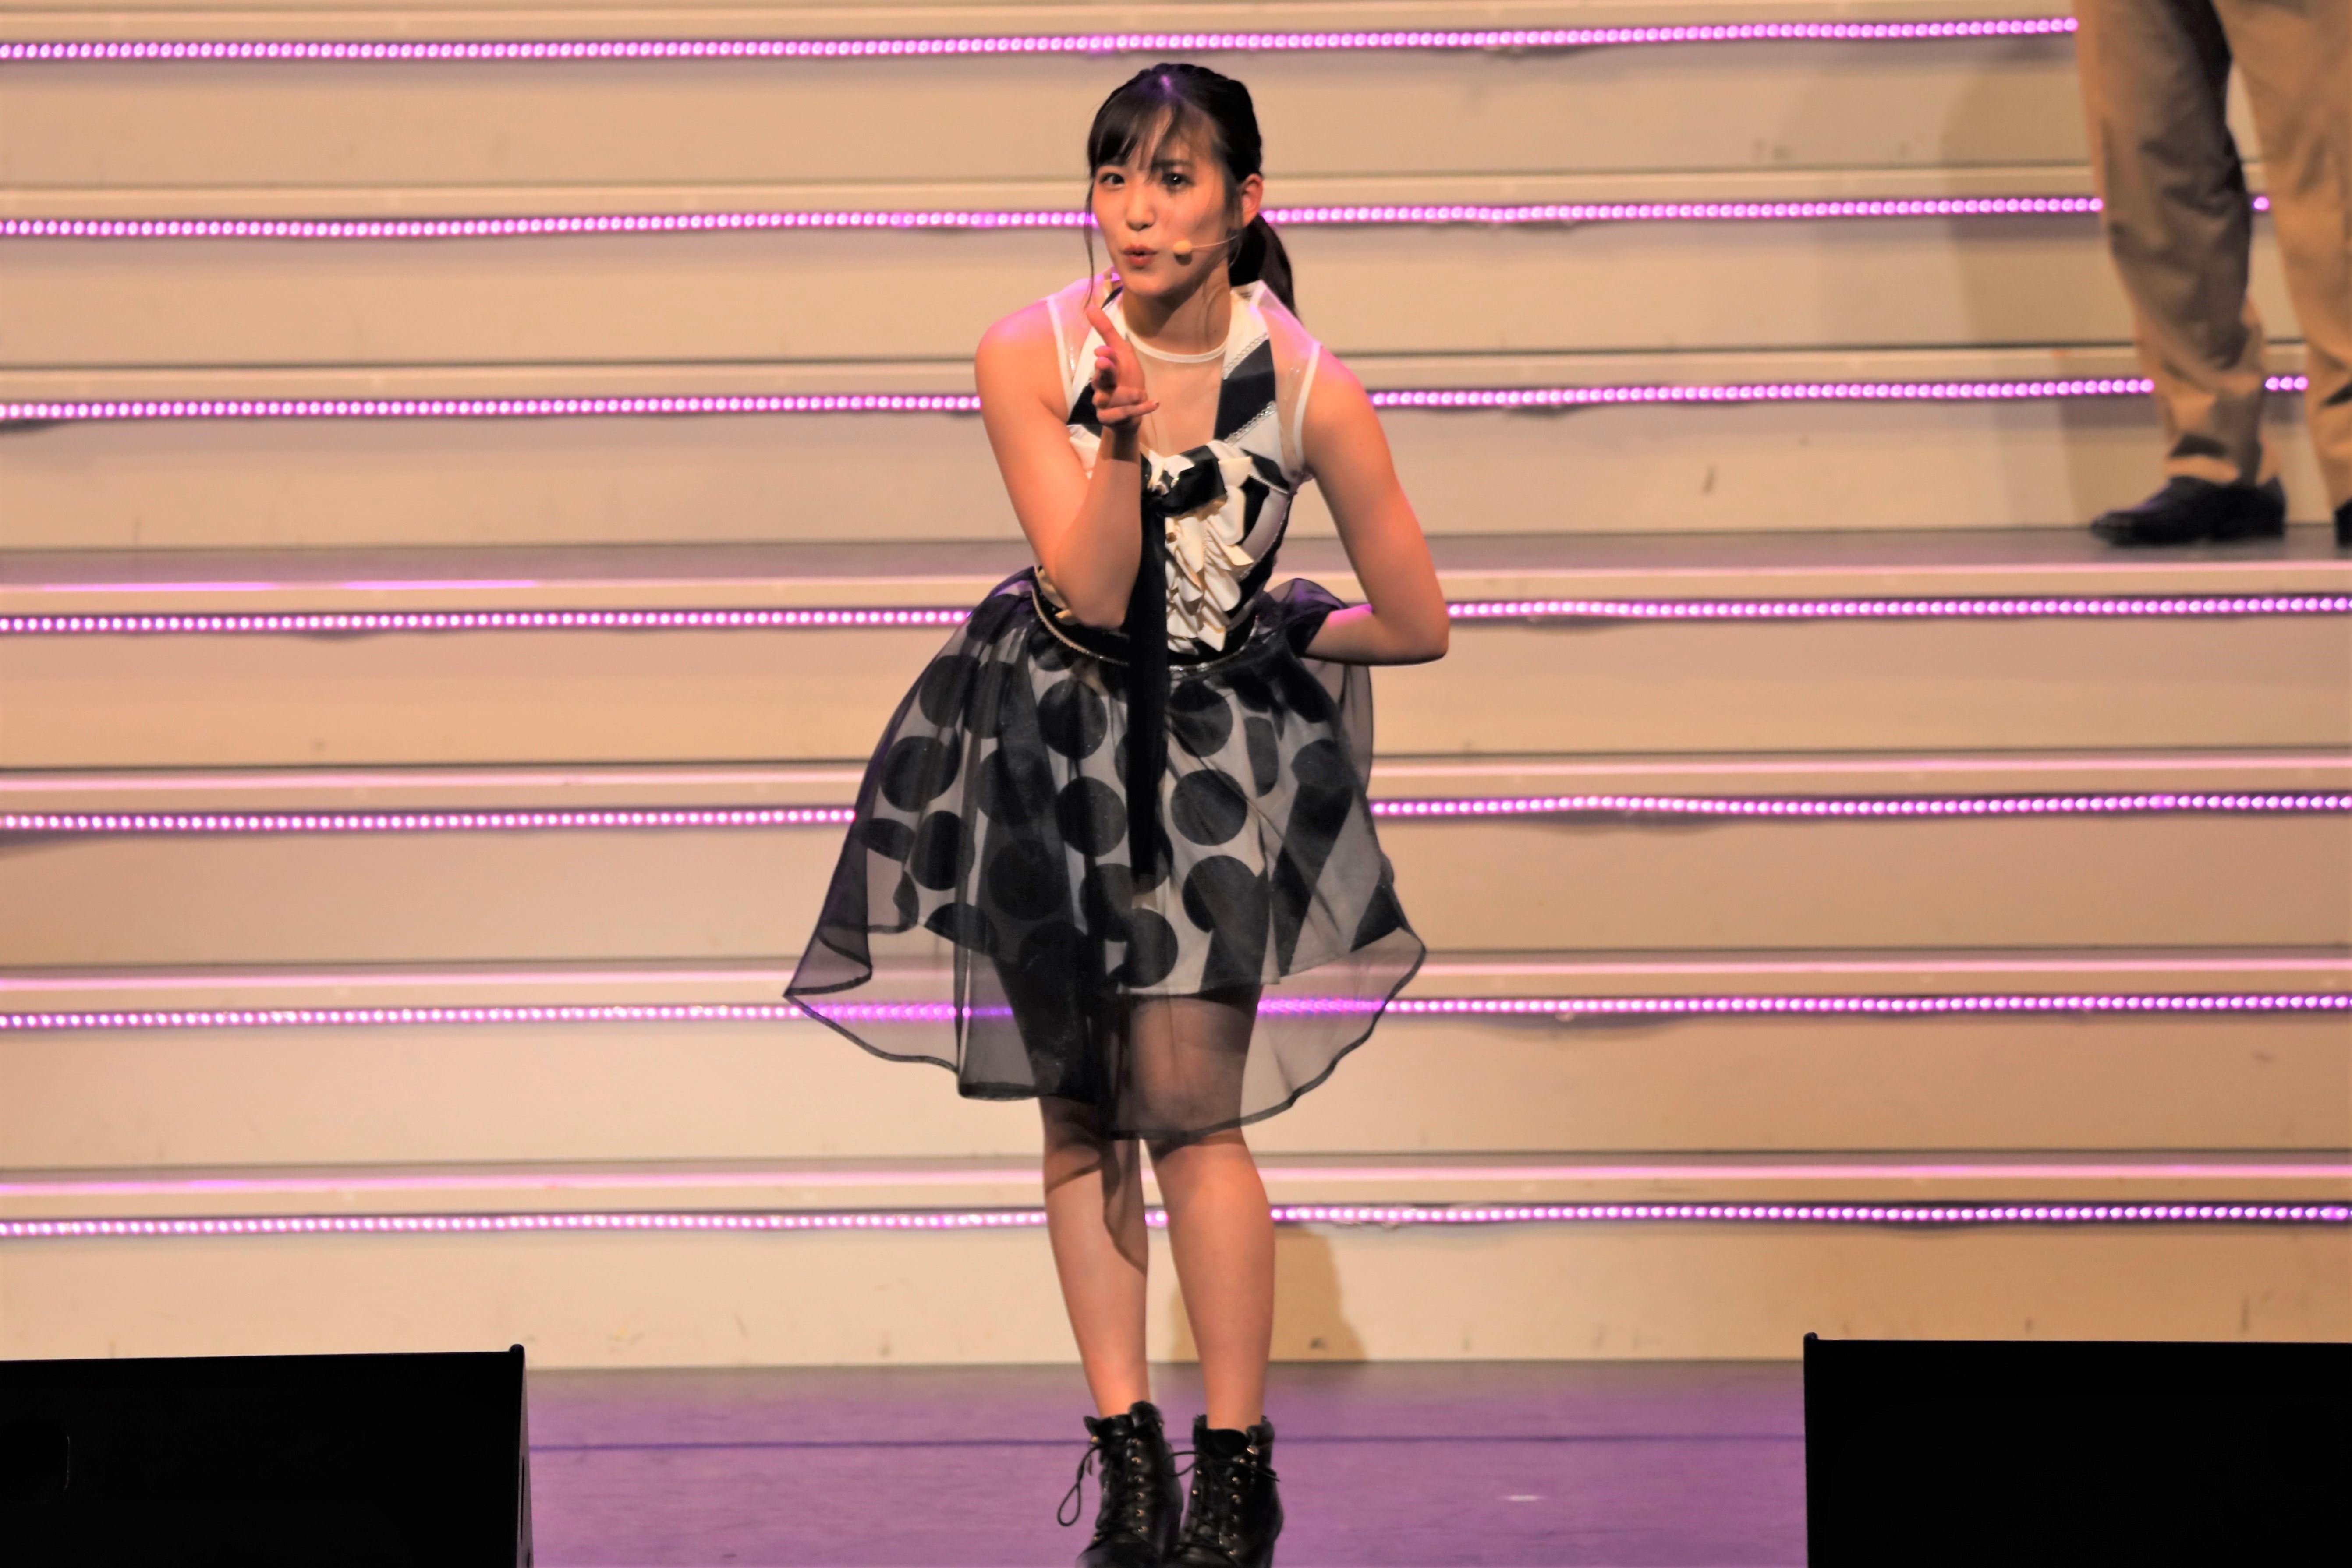 UKBでえがさんポーズを見せる下尾 ©AKB48 THE AUDISHOW製作委員会  無断アップロード及び転送は一切禁止です。